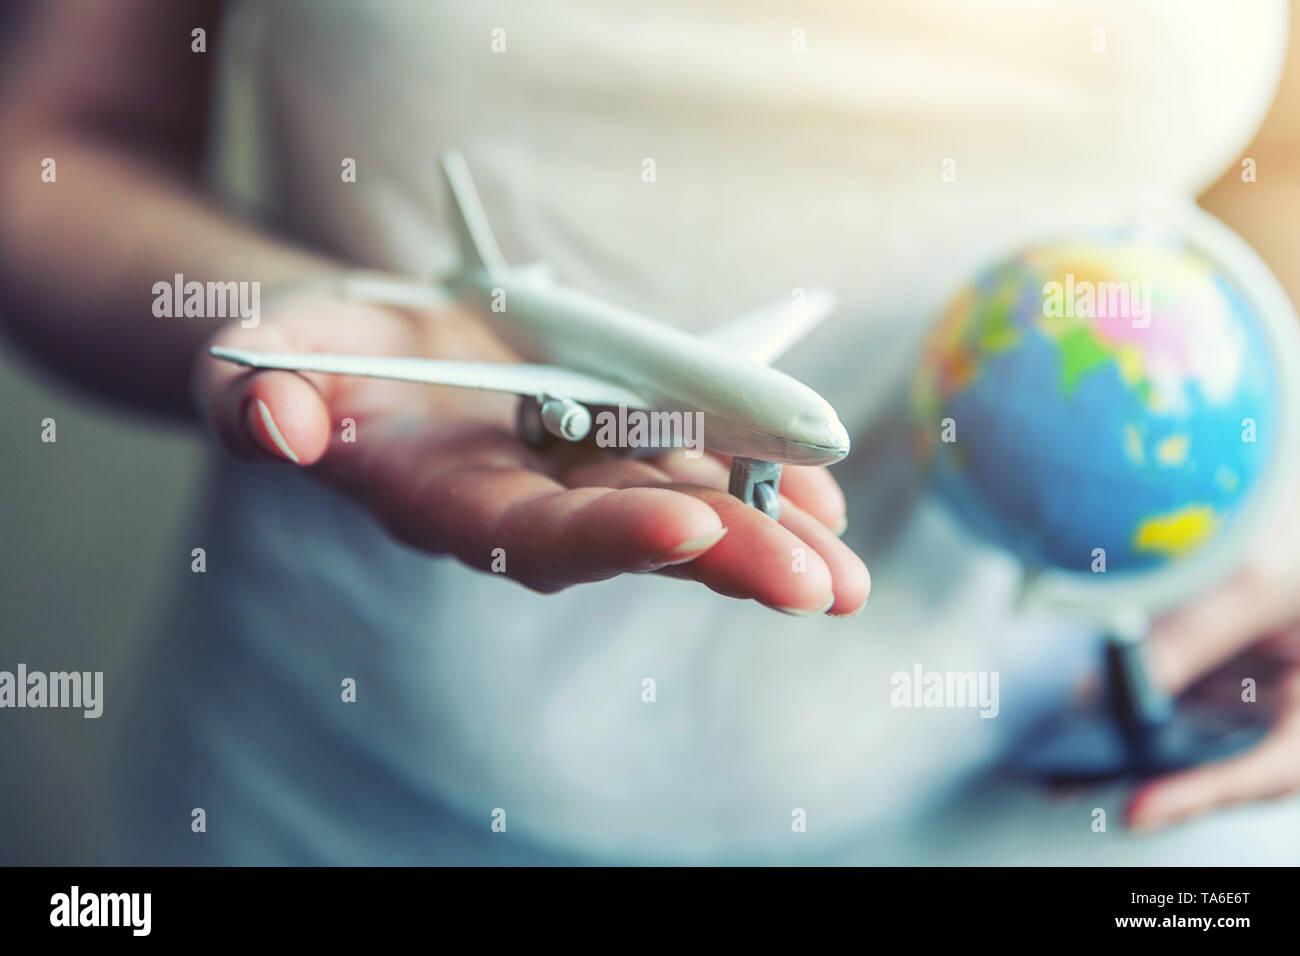 Mujer femenina manos sosteniendo juguete pequeño avión modelo globe y mapa. Viaje en avión de vacaciones de aventura de fin de semana viaje tour ticket entrega de aviación Foto de stock